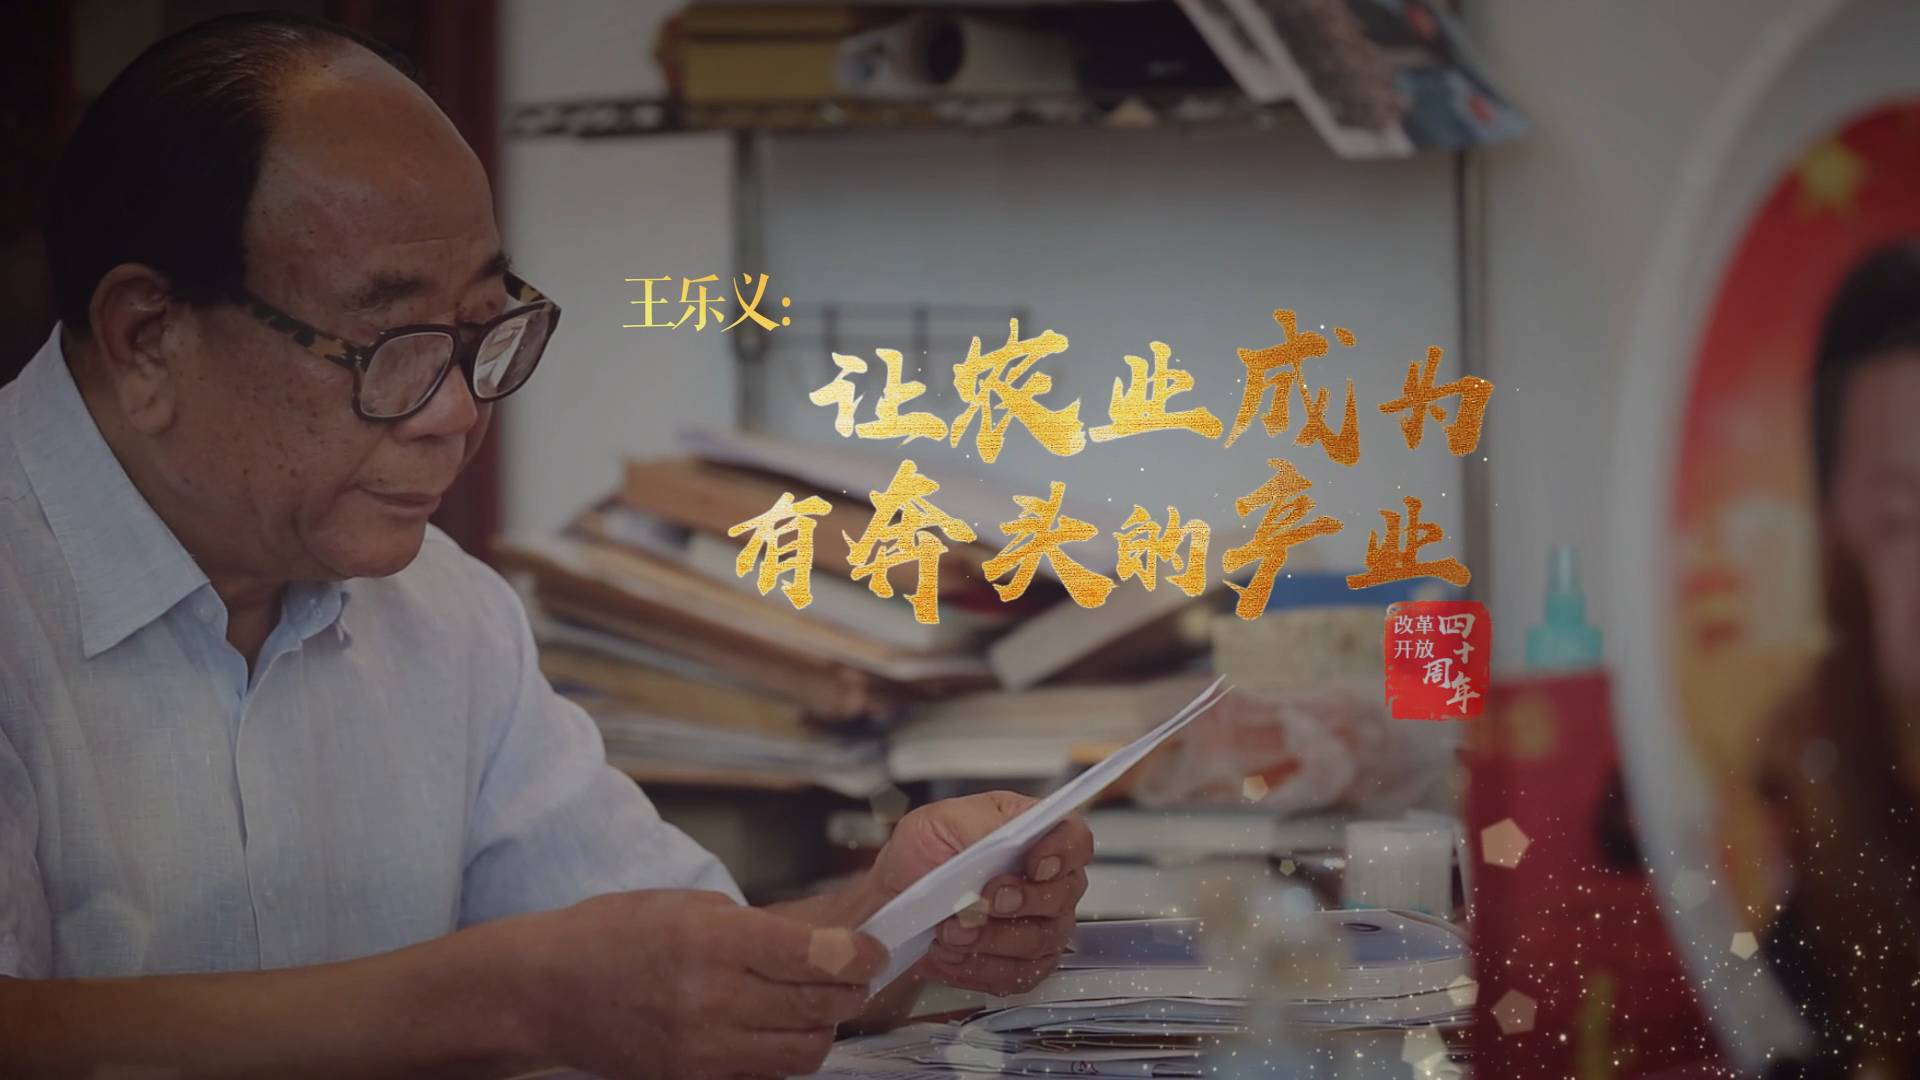 """64秒丨40年前这个村银行欠款4.3万 如今""""寿光蔬菜""""叫响全国"""